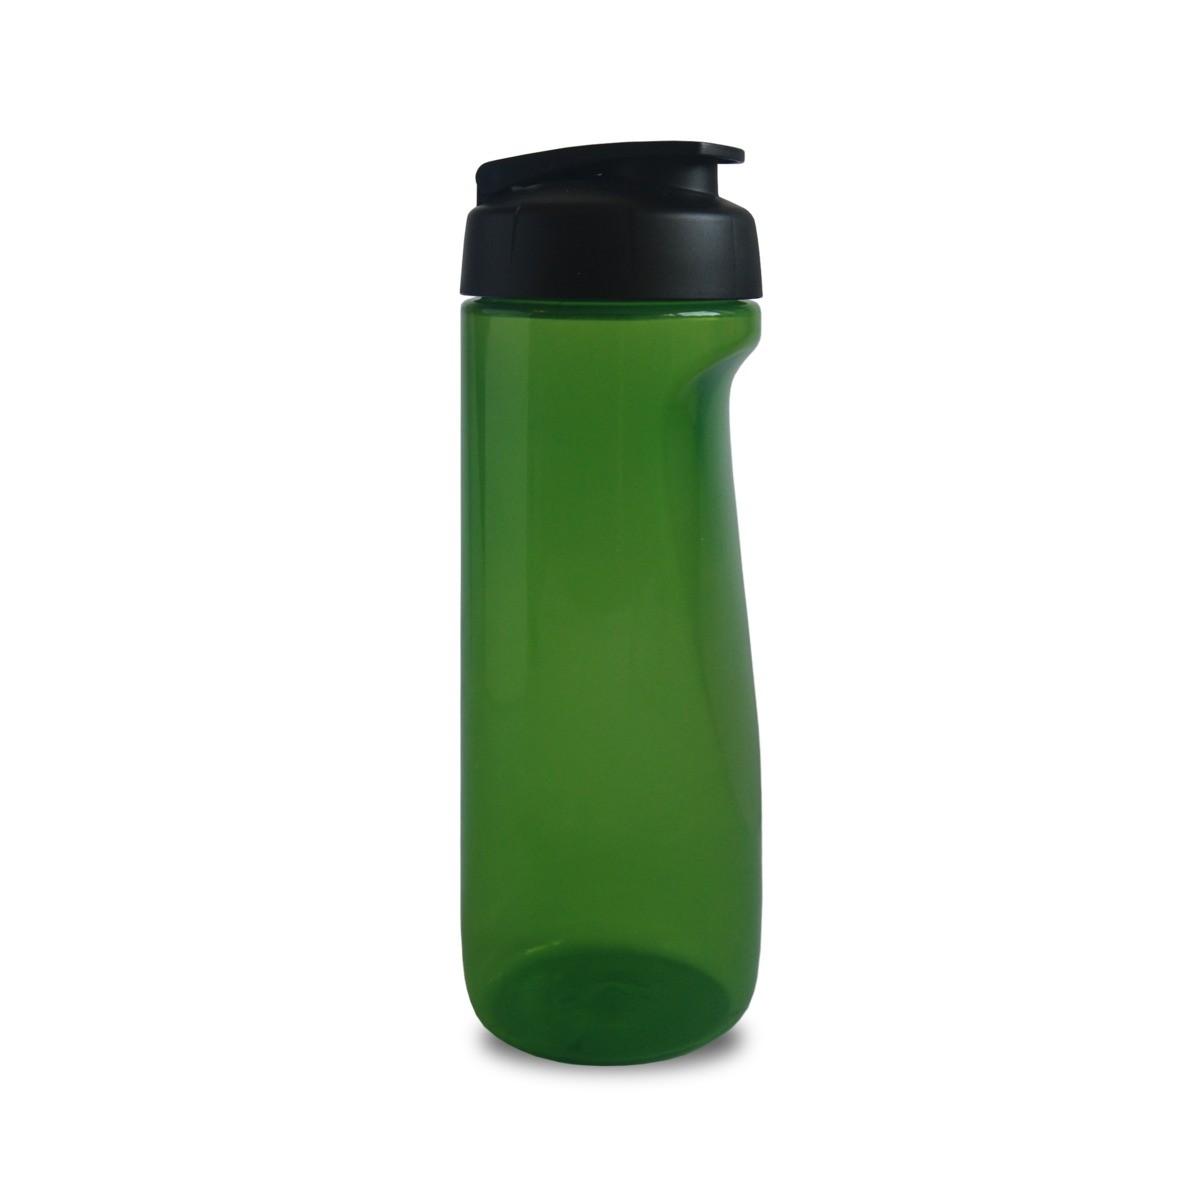 Vattenflaska Kick grön